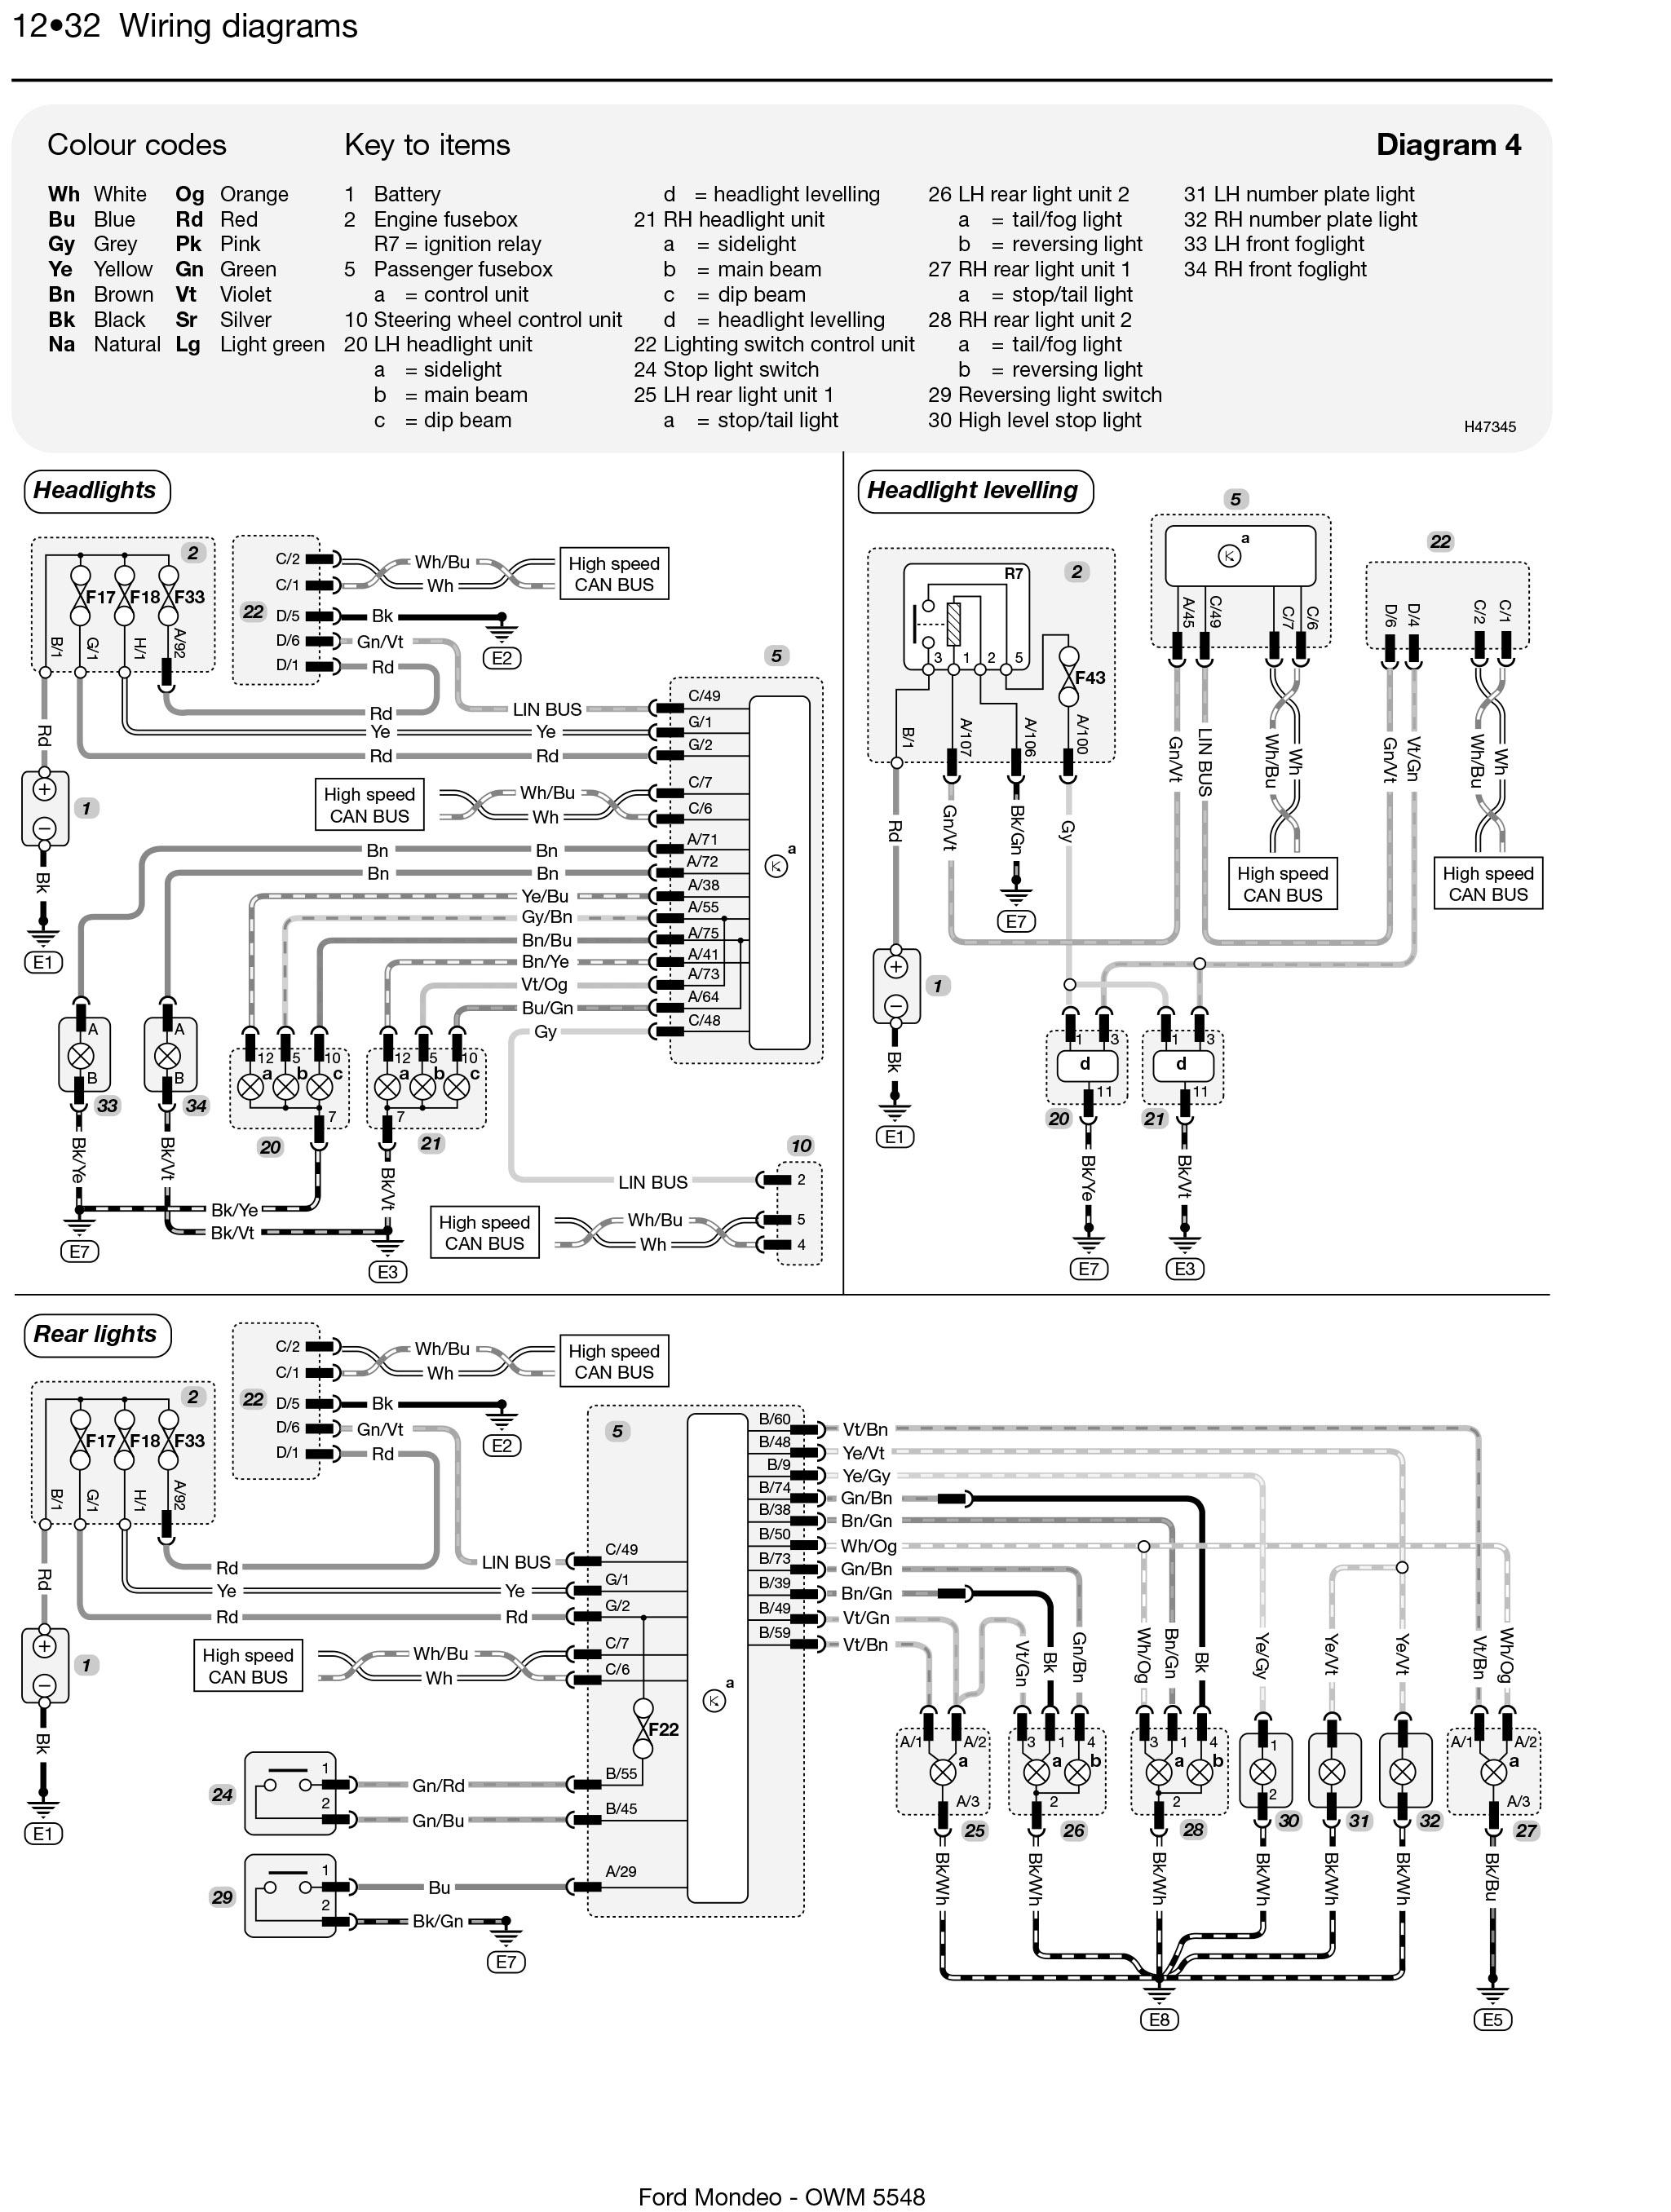 mondeo wiring diagram jzz30 1jz gte ford petrol and diesel apr 07 12 haynes repair